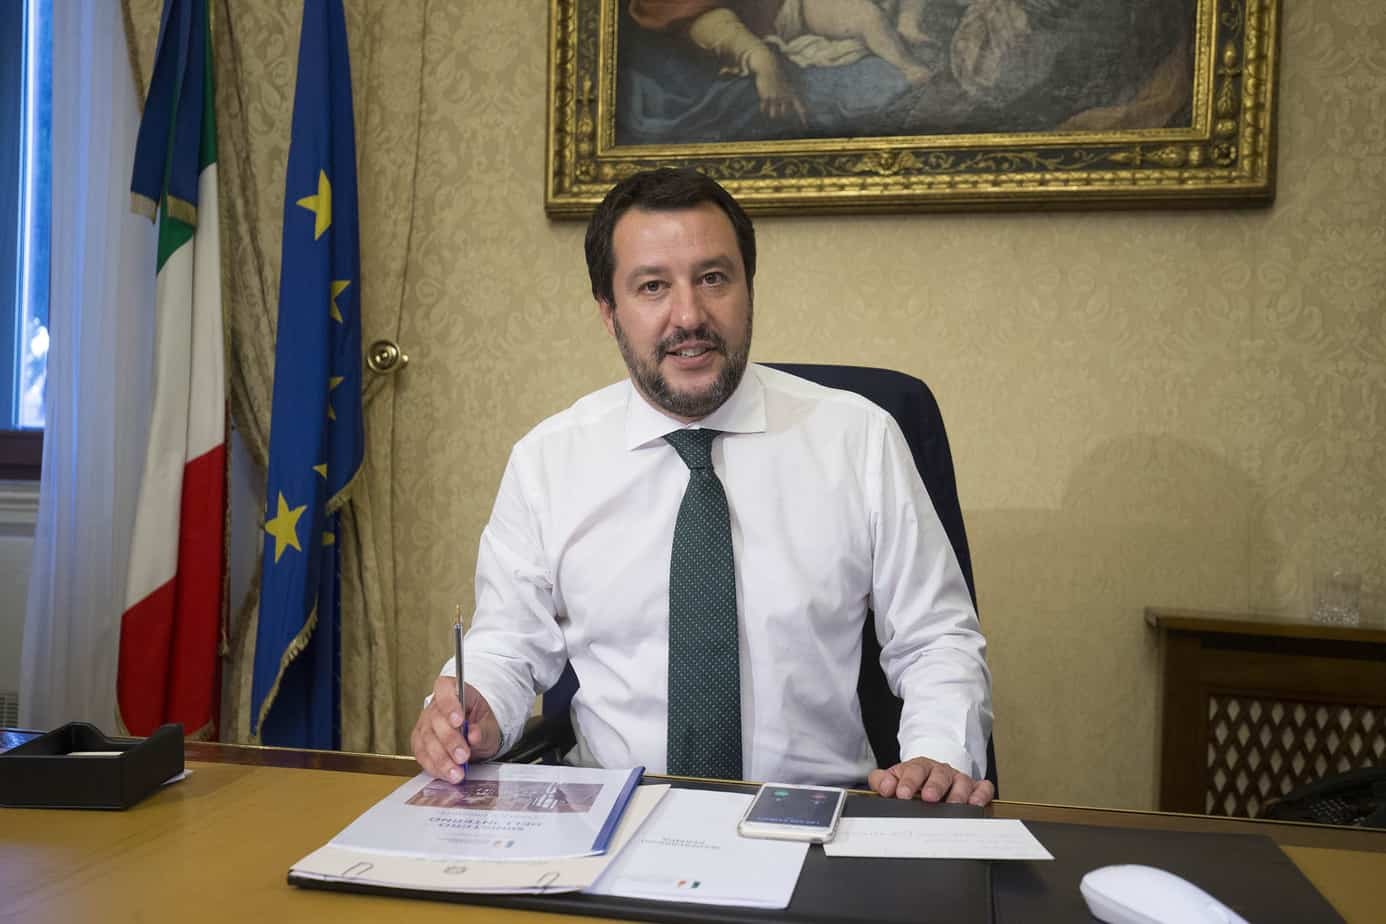 Migranti: la Tunisia convoca l'ambasciatore italiano. 'Stupore per le parole di Salvini'